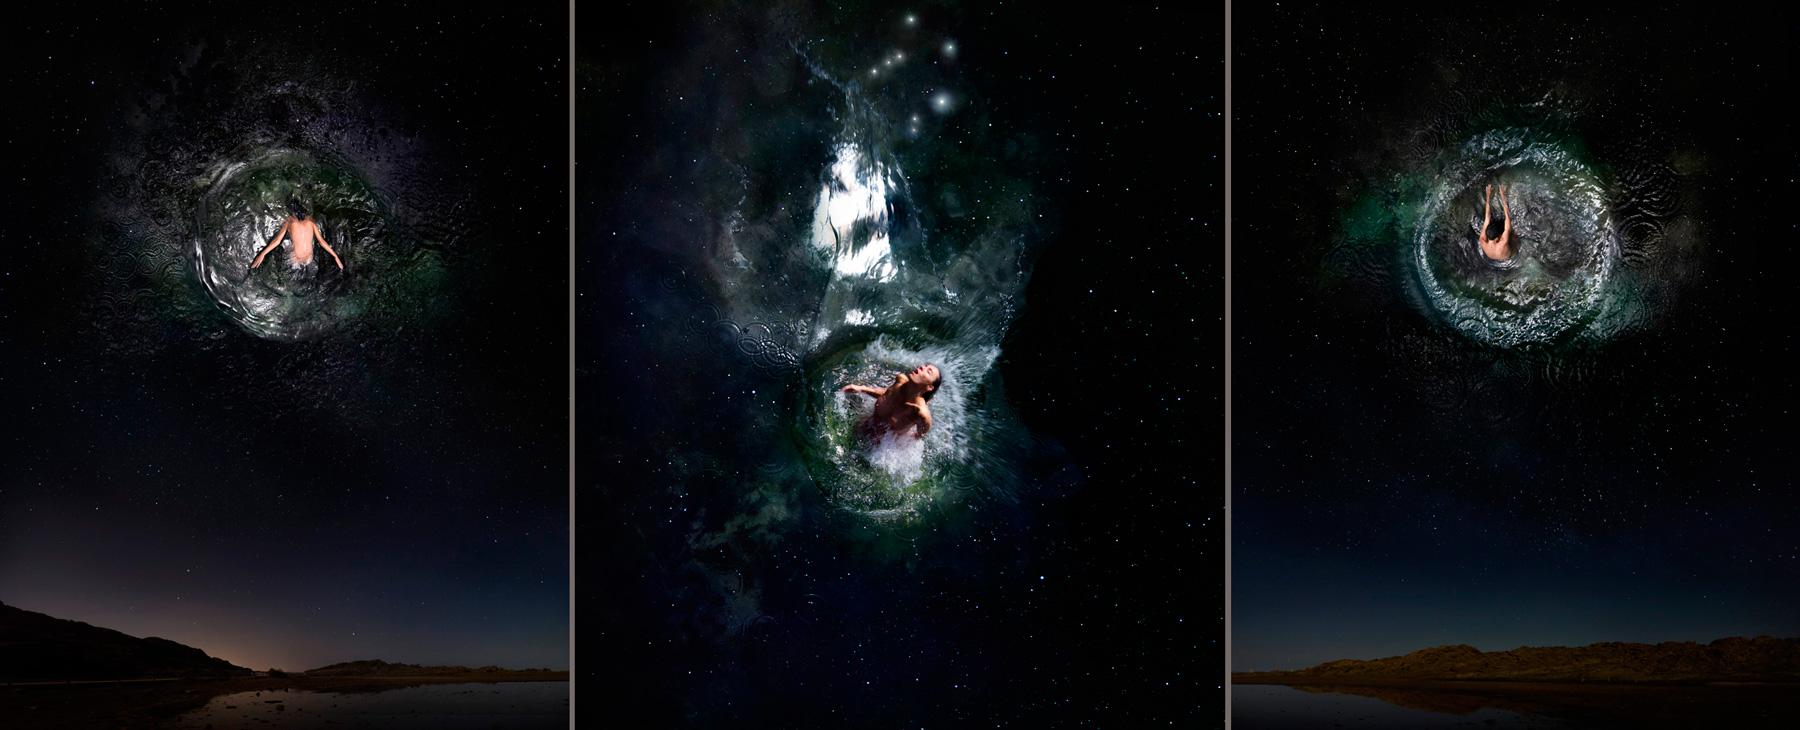 EUFONÍA de la Constelación de LIBRA. Fotografía digital nocturna y acuática. Configuración y retoque digitales